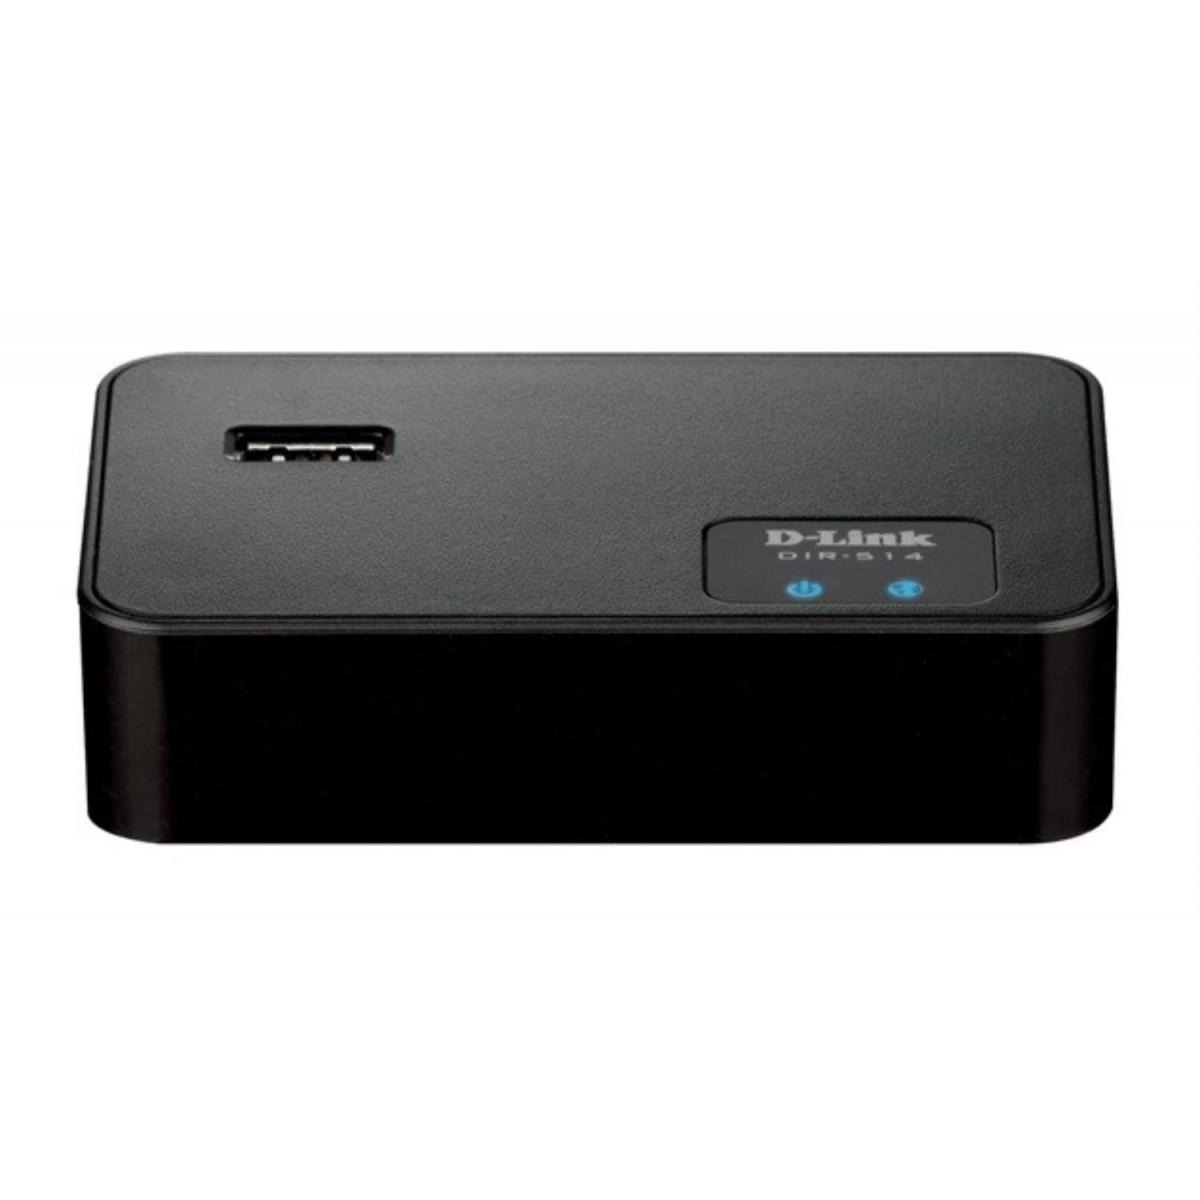 D-LINK DIR-514 4G Wireless Router